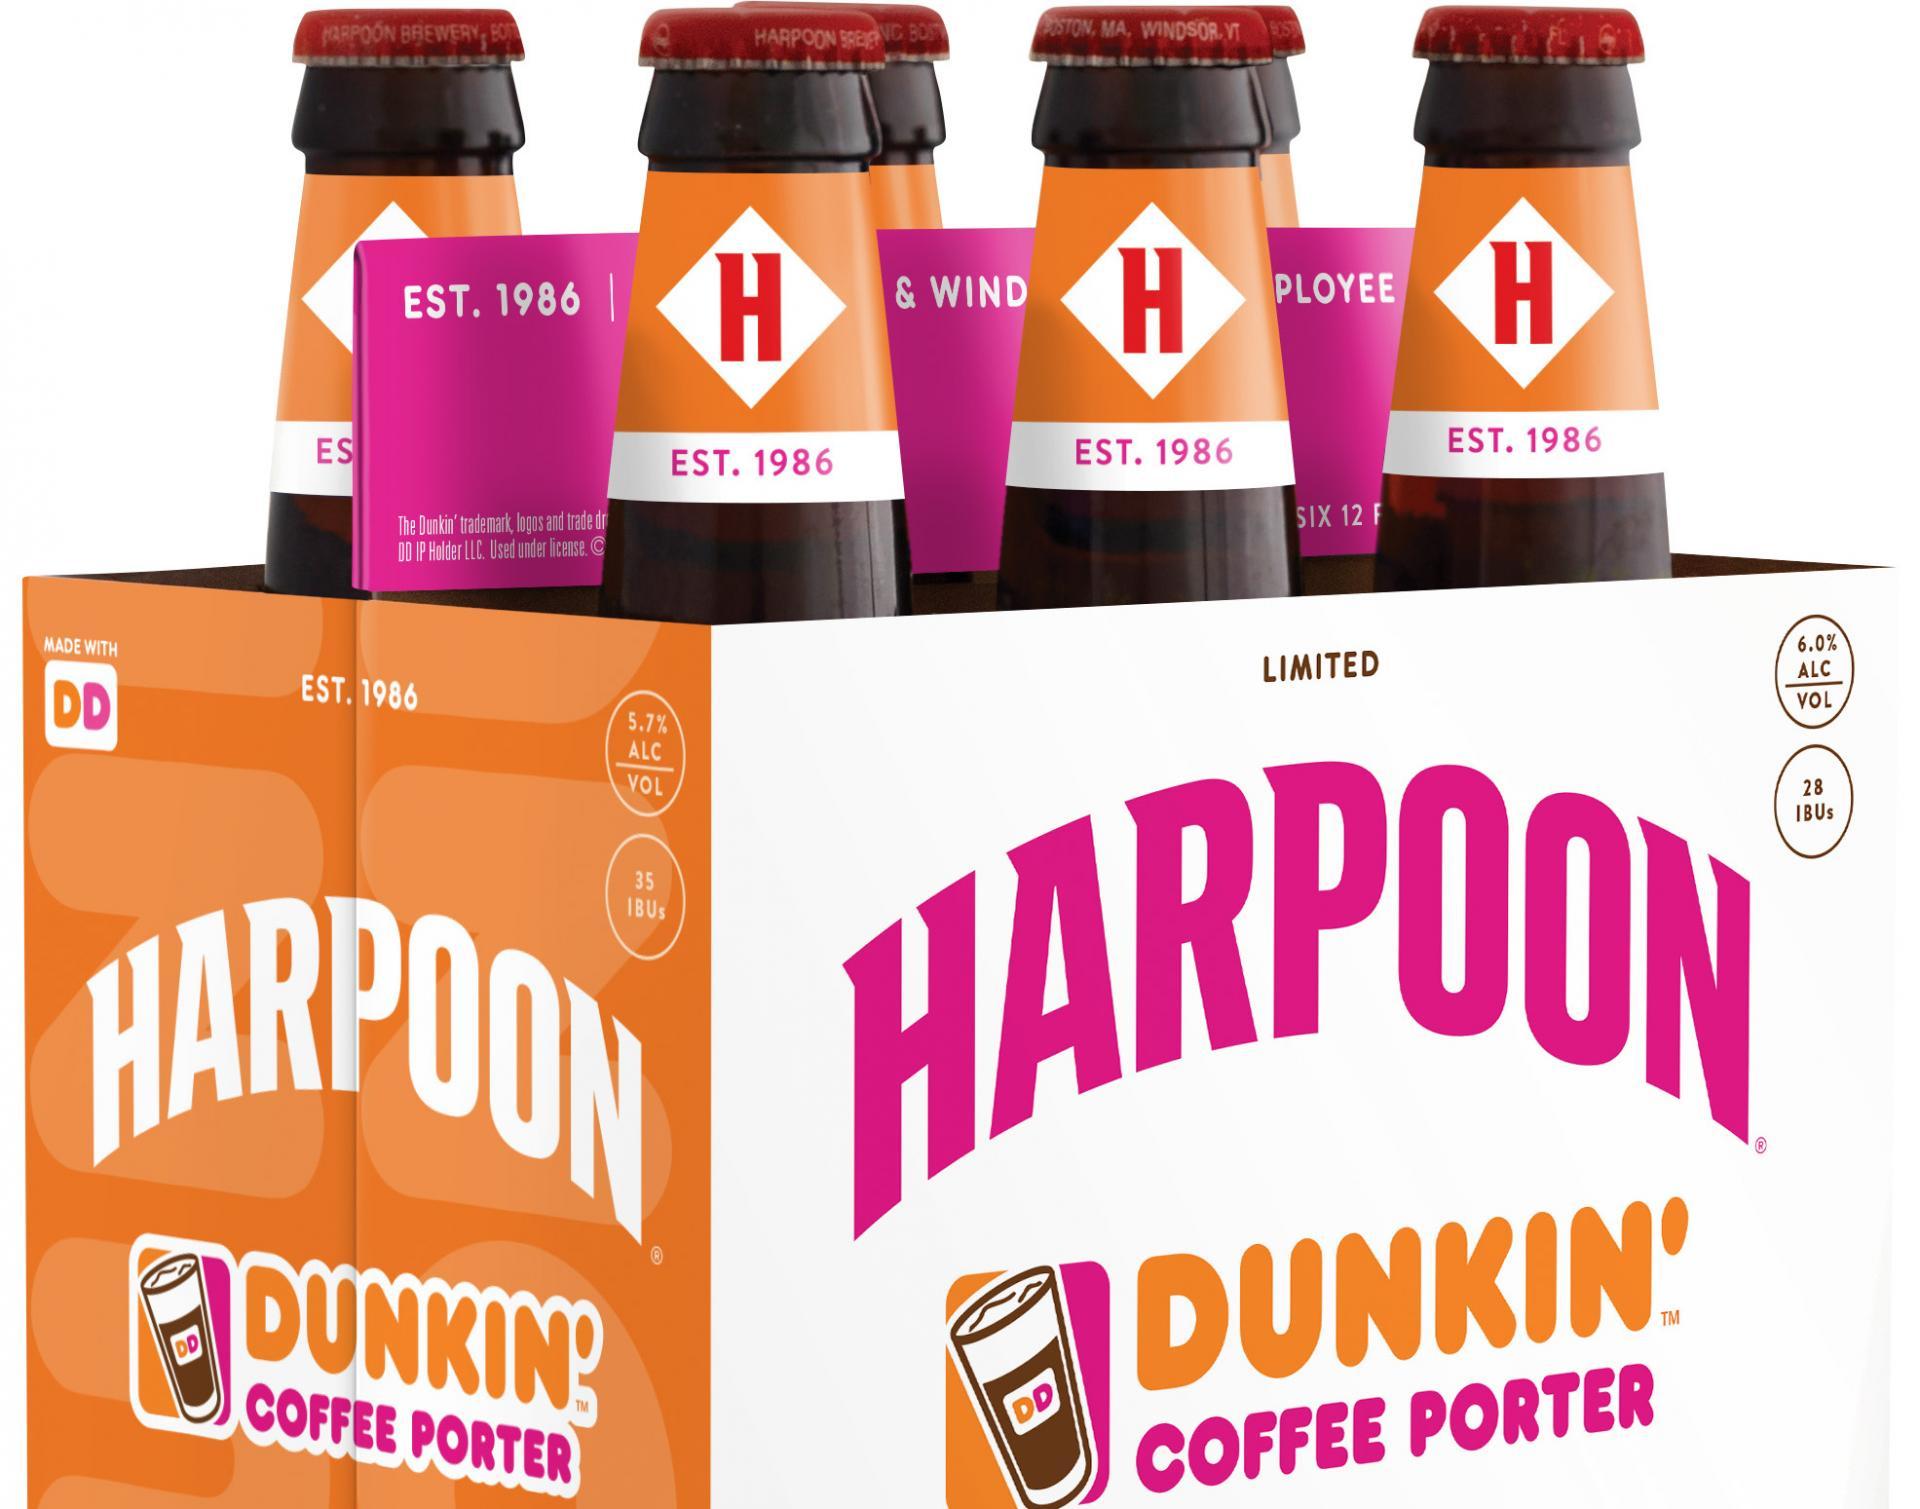 Harpoon Dunkin Coffee Beer